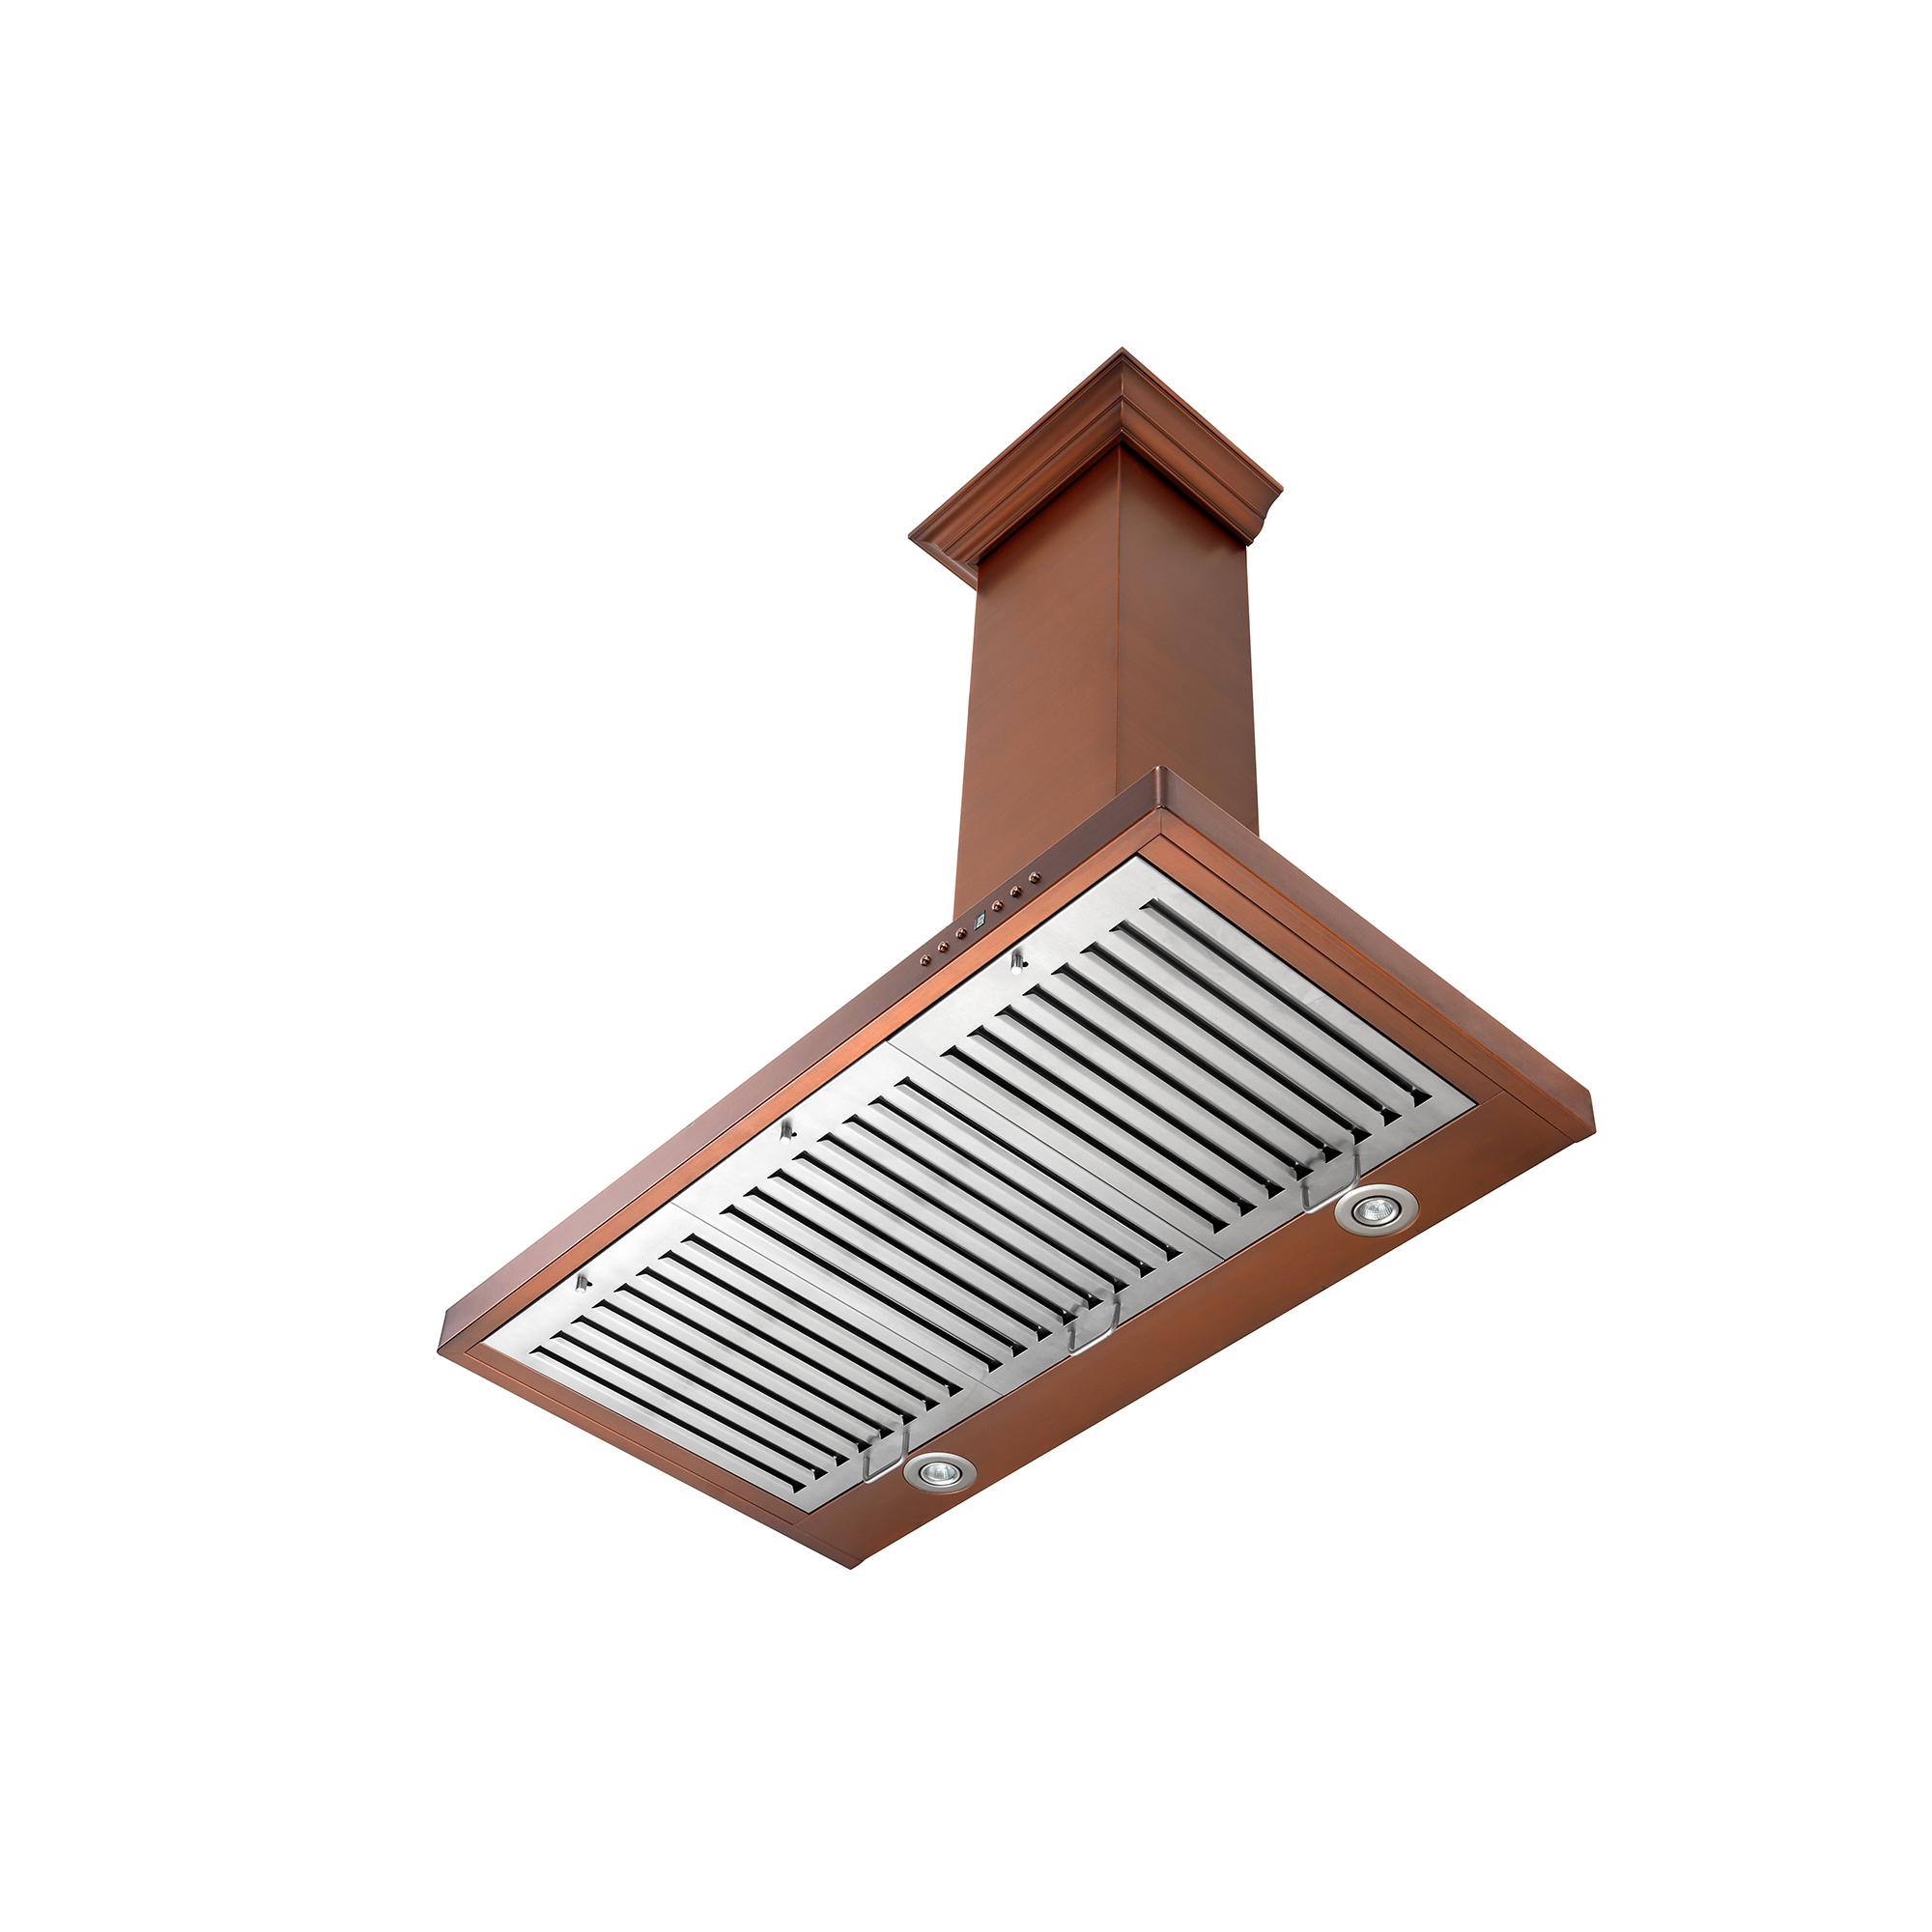 zline-copper-wall-mounted-range-hood-8KBC-side-under.jpg